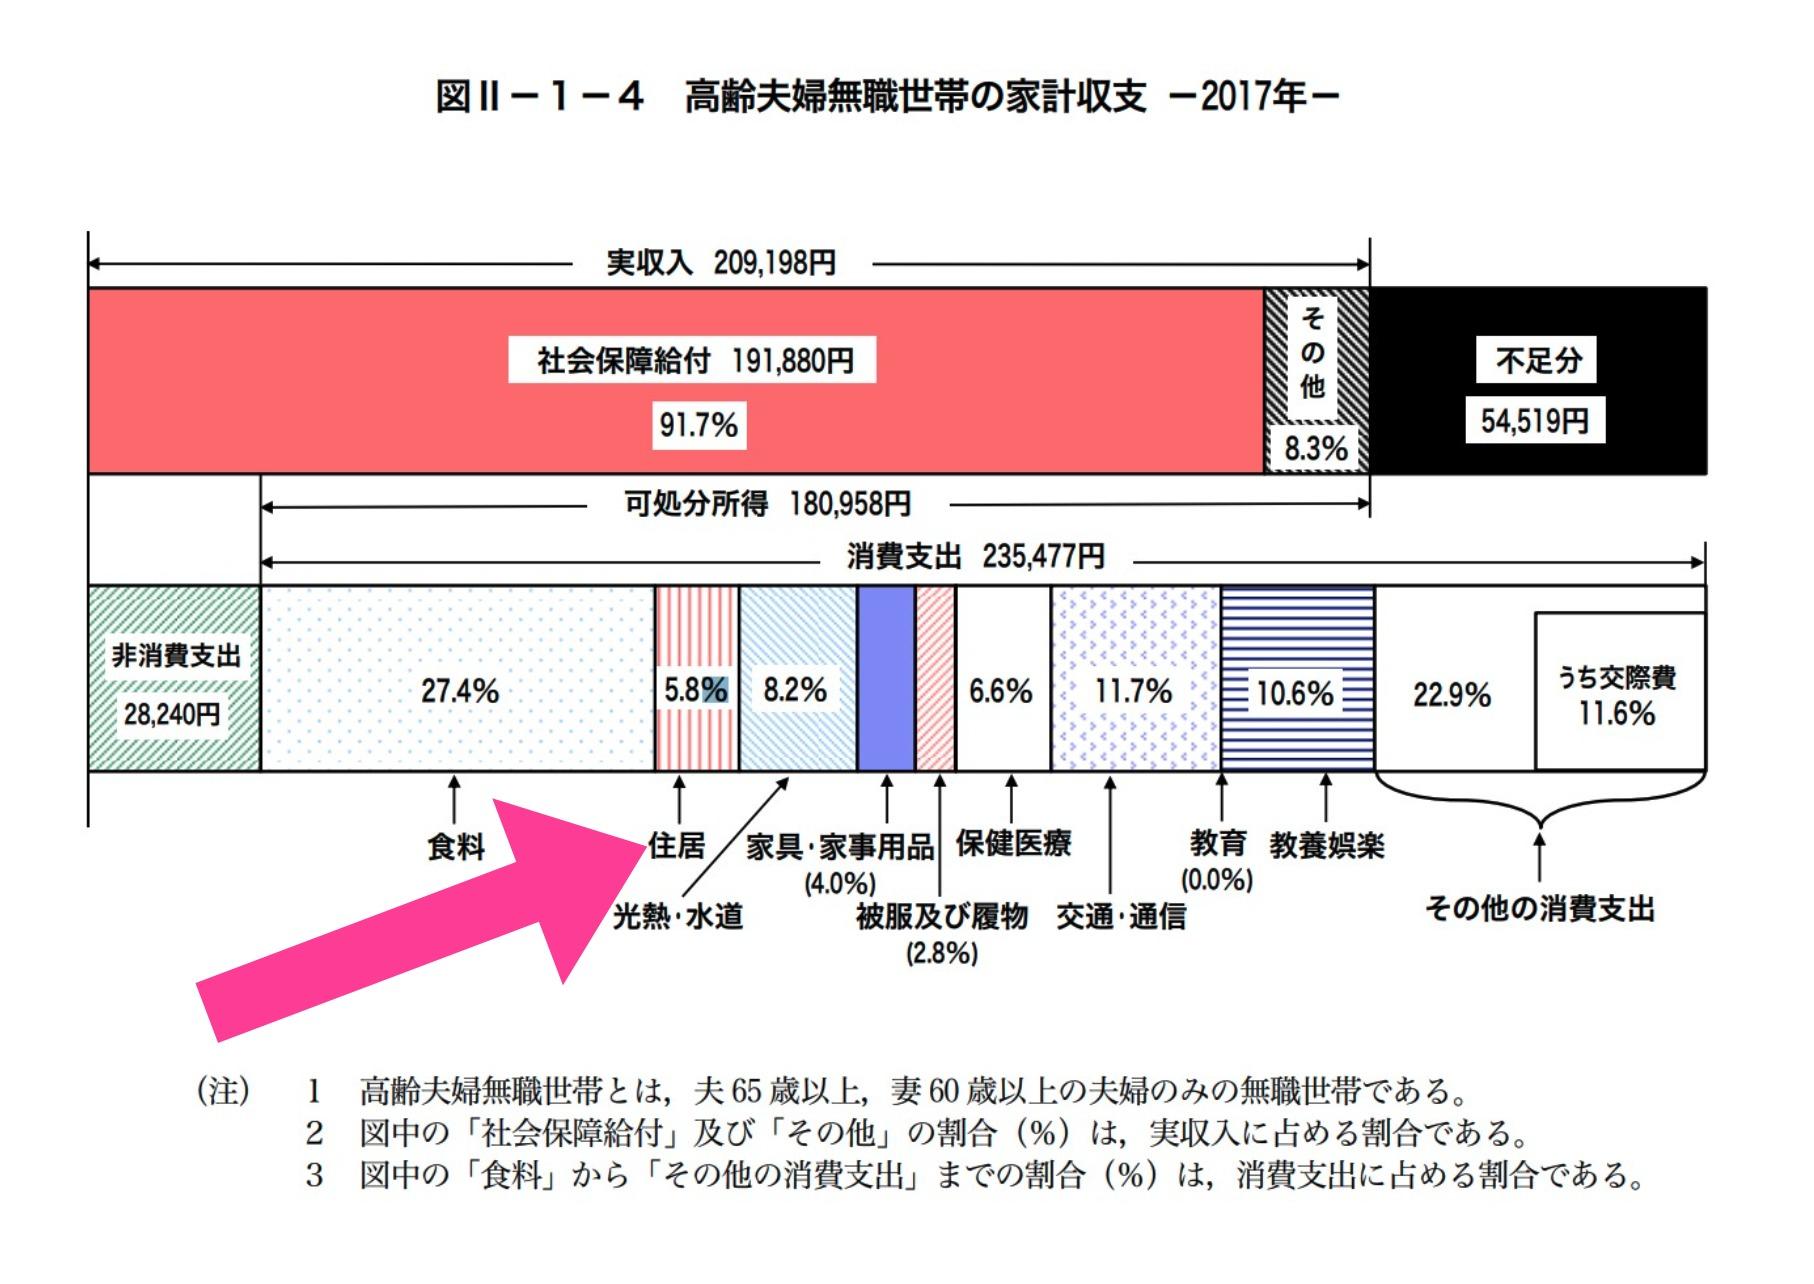 総務省統計局の資料「家計調査」の「高齢夫婦無職世帯の家計収支 」(2017年)の図「住居費」